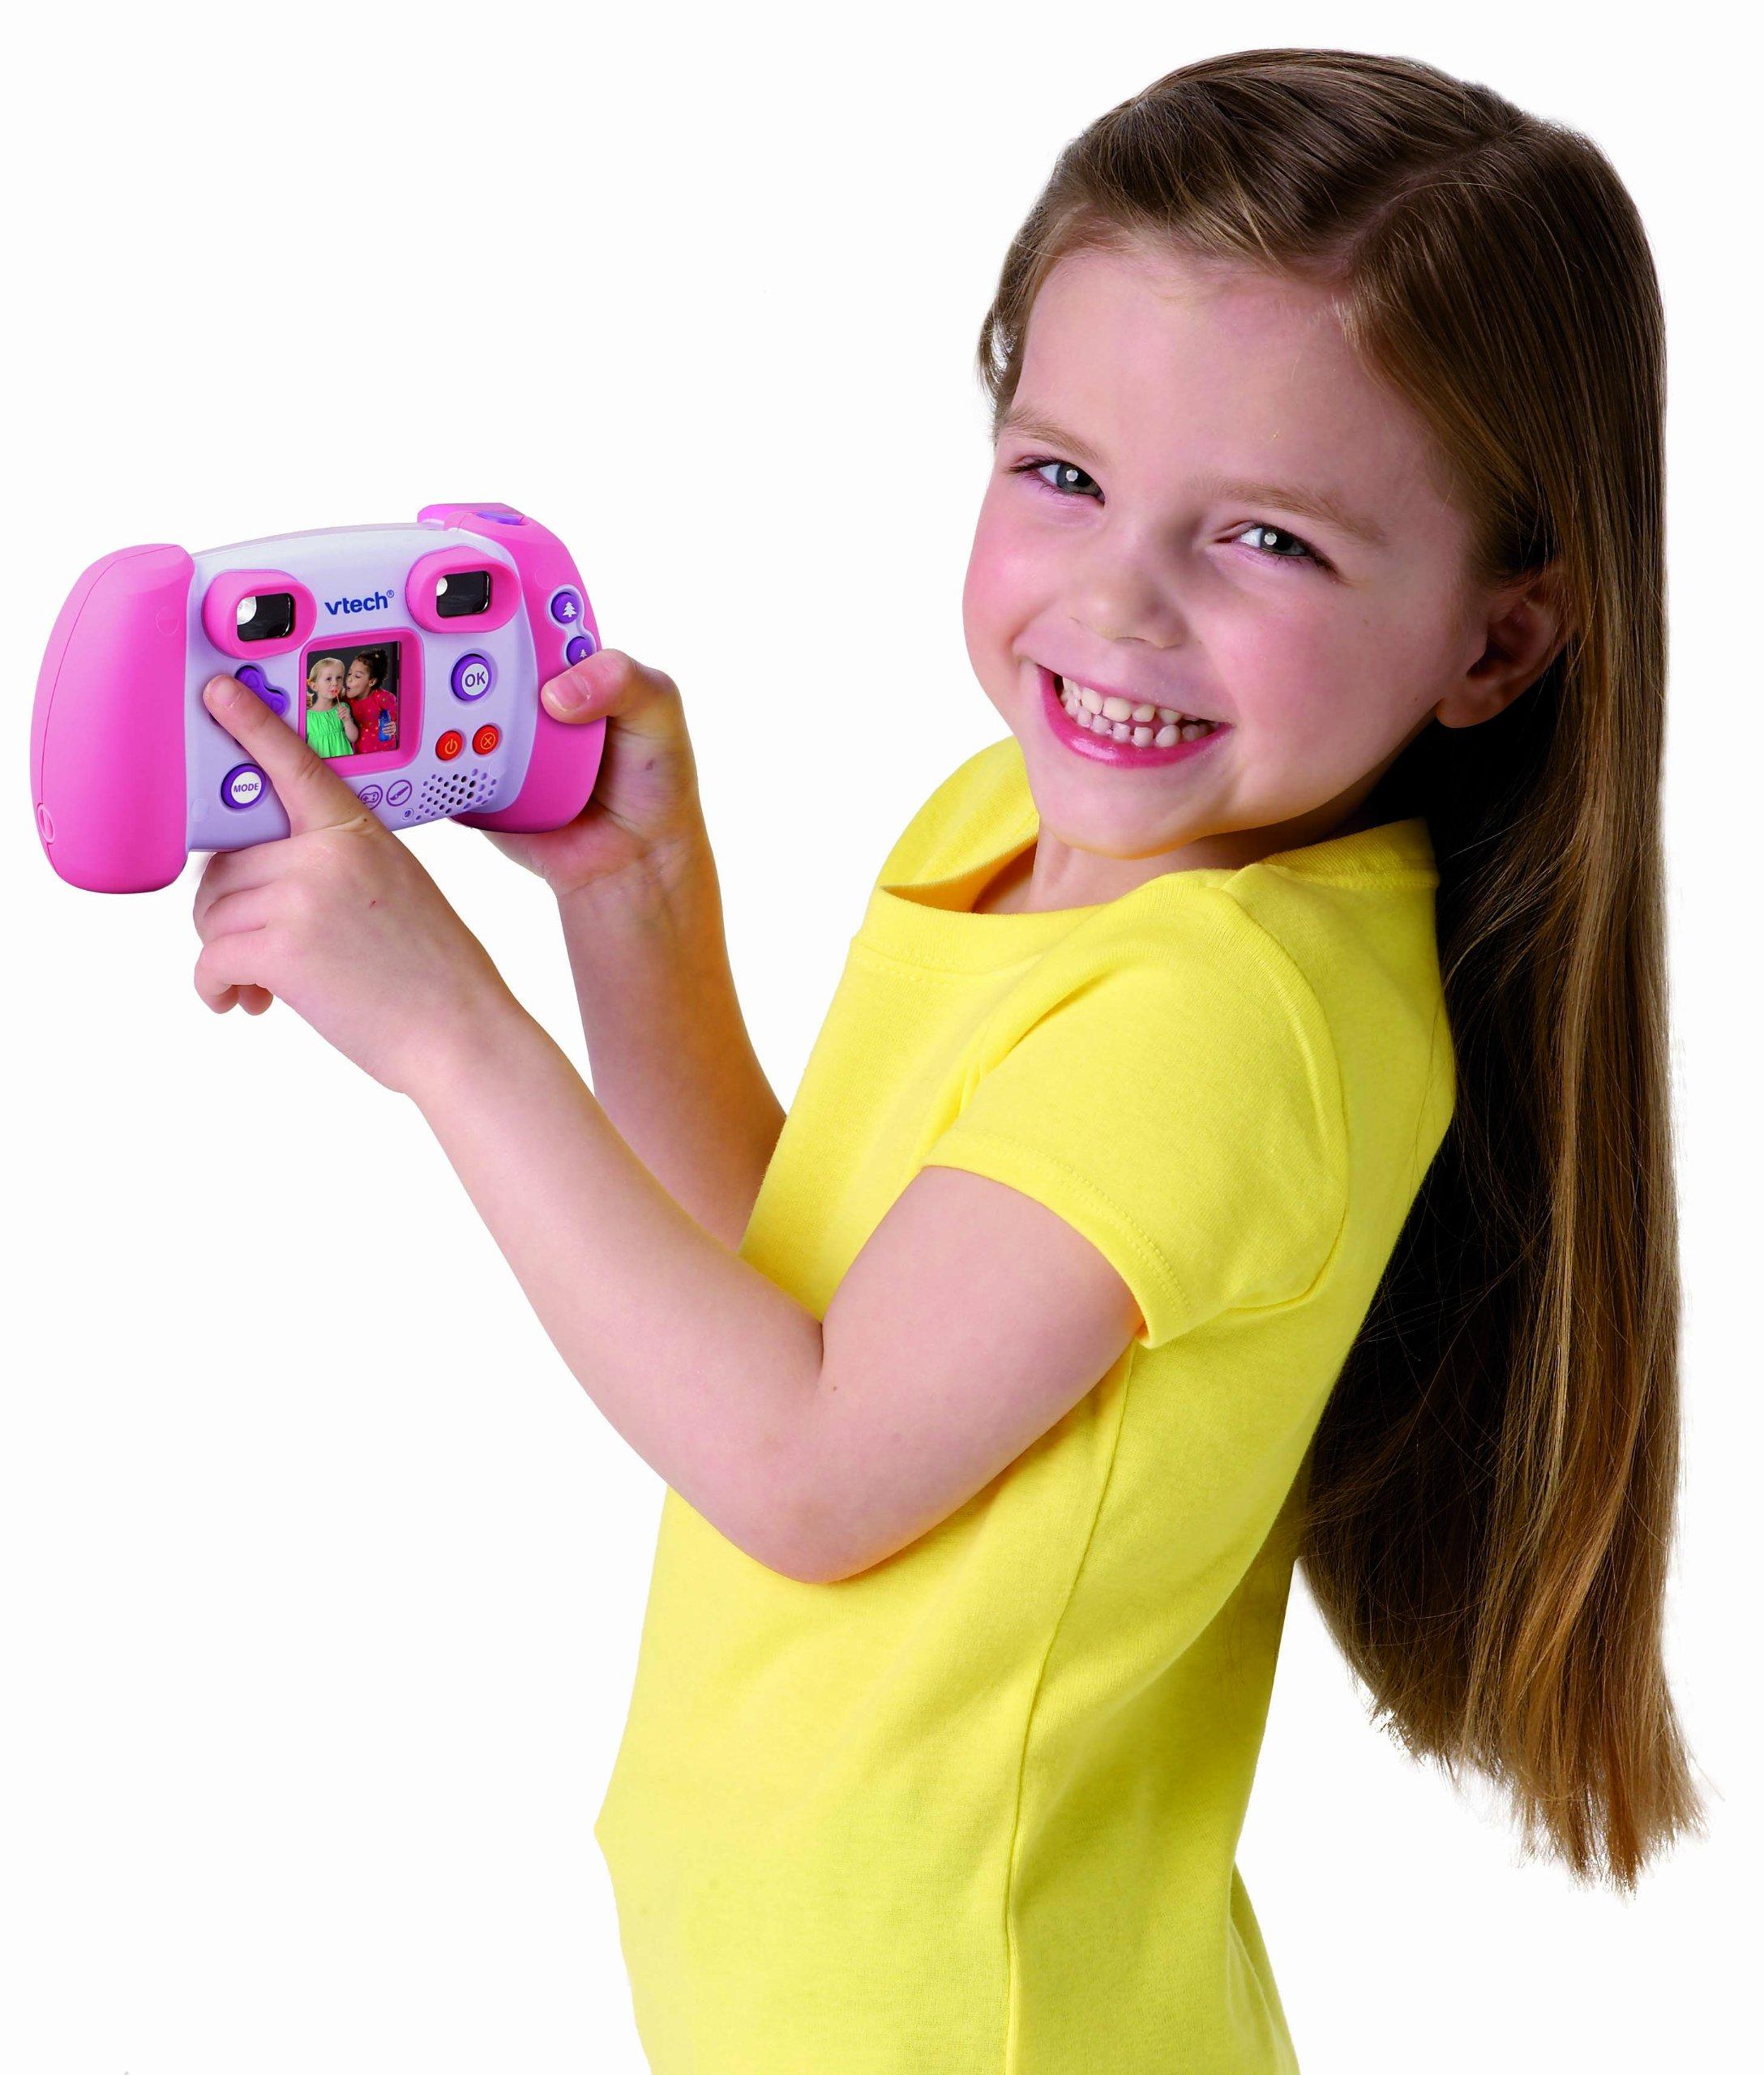 VTech - Kidizoom Digital Camera - Pink